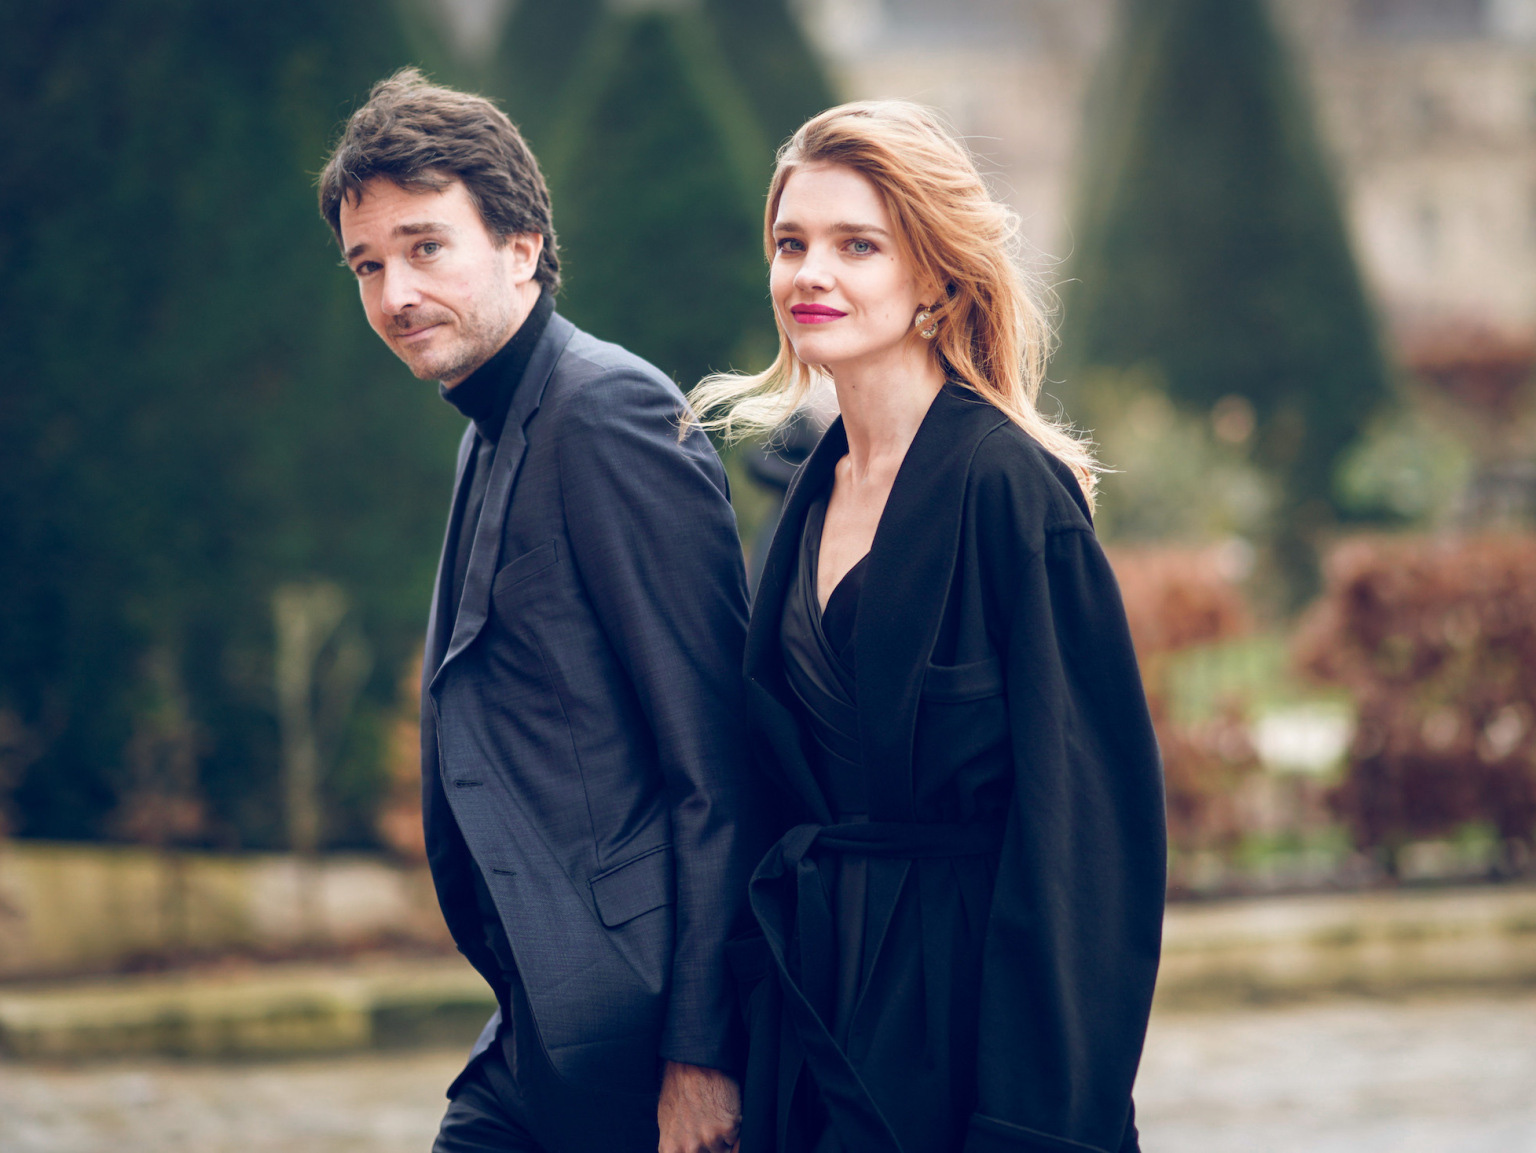 Siêu mẫu Nga và con trai chủ tịch LVMH kết hôn giản dị, ngắm váy cưới đơn giản của cô dâu lại càng bất ngờ - Ảnh 4.